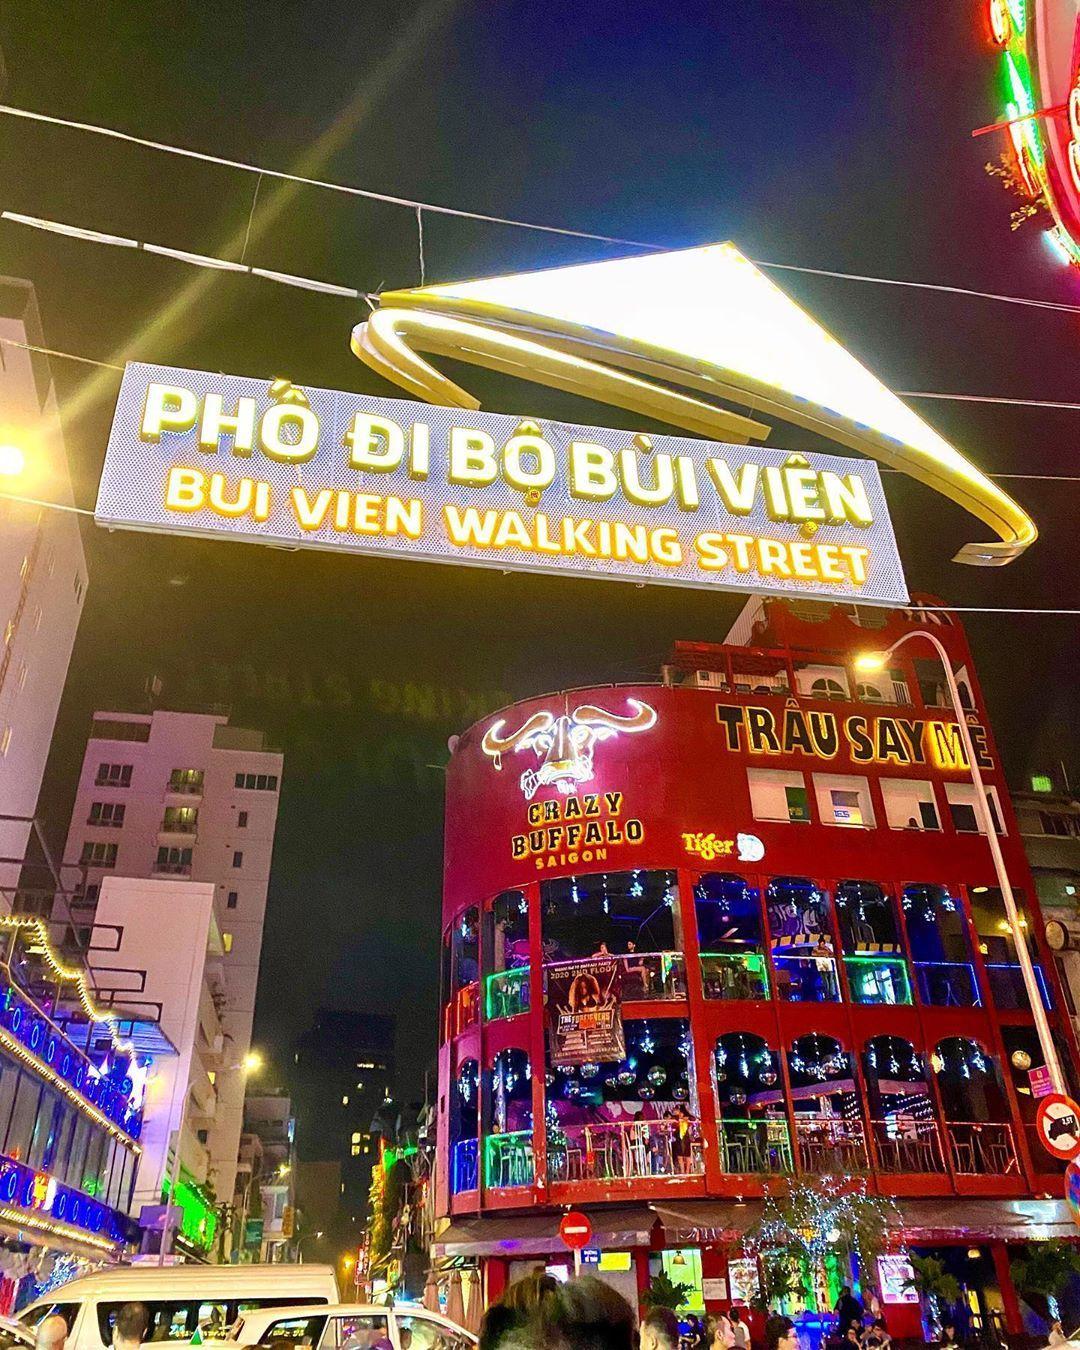 pho-tay-bui-vien-khu-pho-khong-ngu-giua-long-sai-gon-4